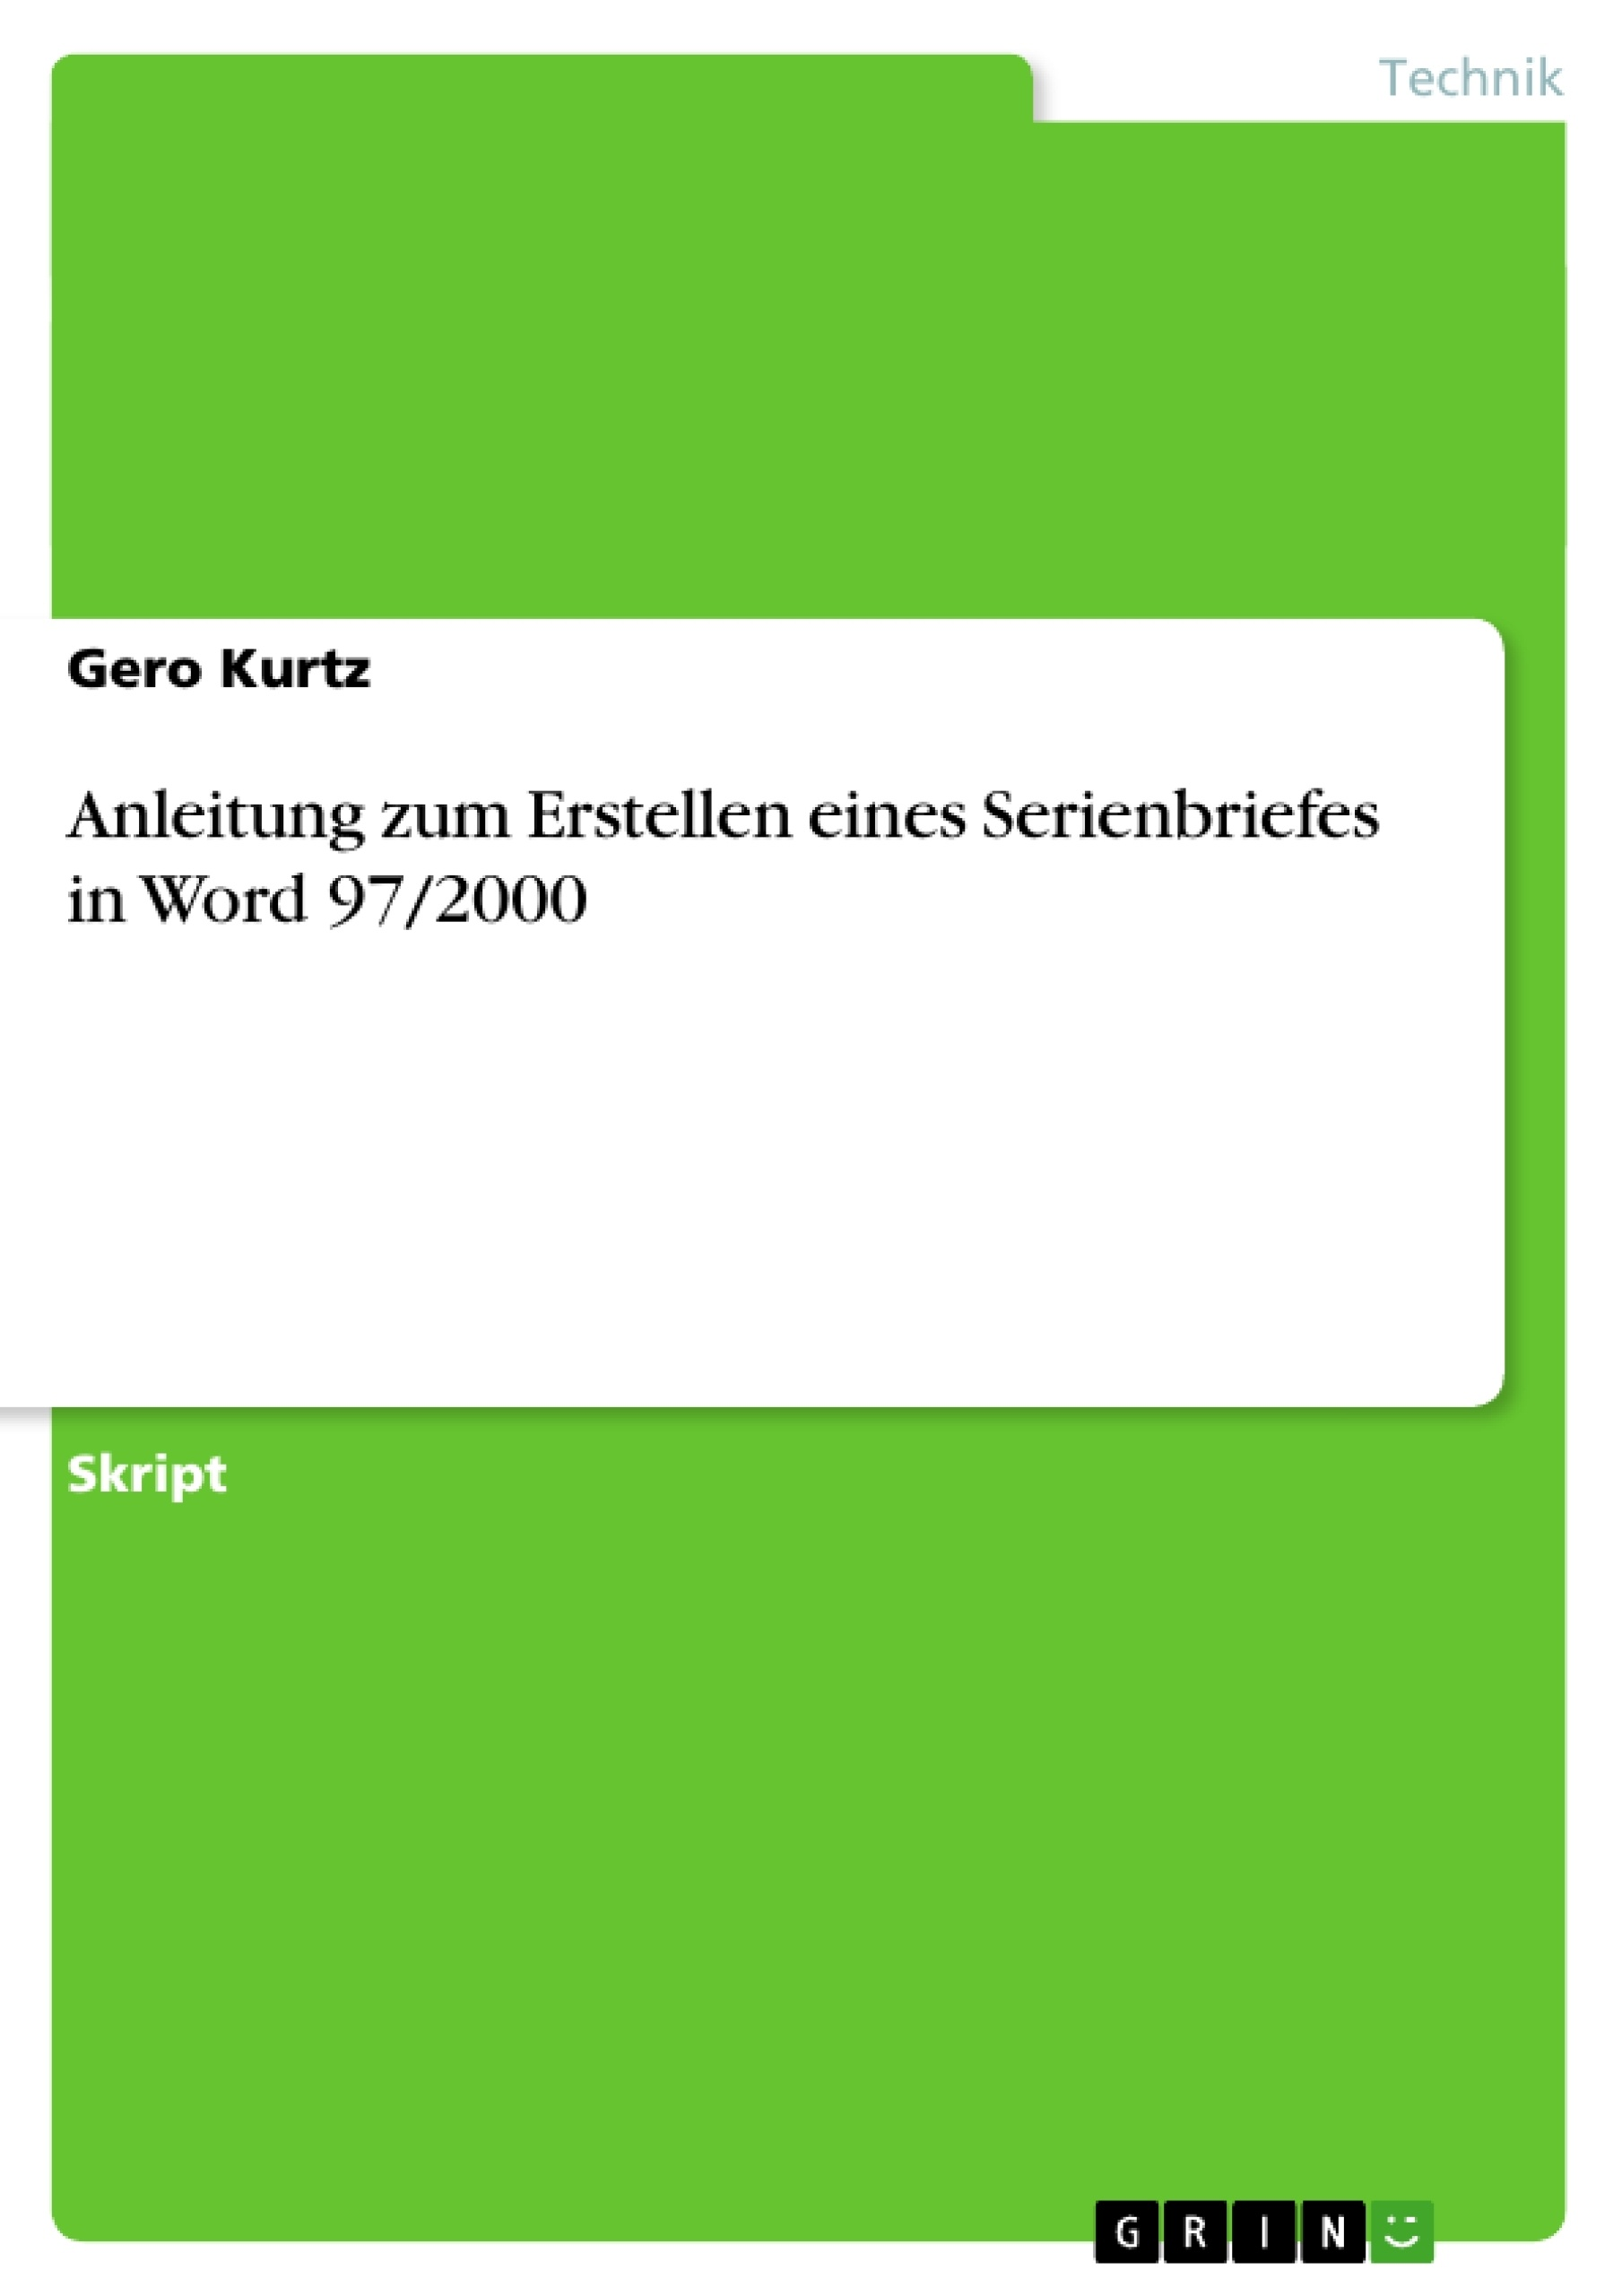 Titel: Anleitung zum Erstellen eines Serienbriefes in Word 97/2000